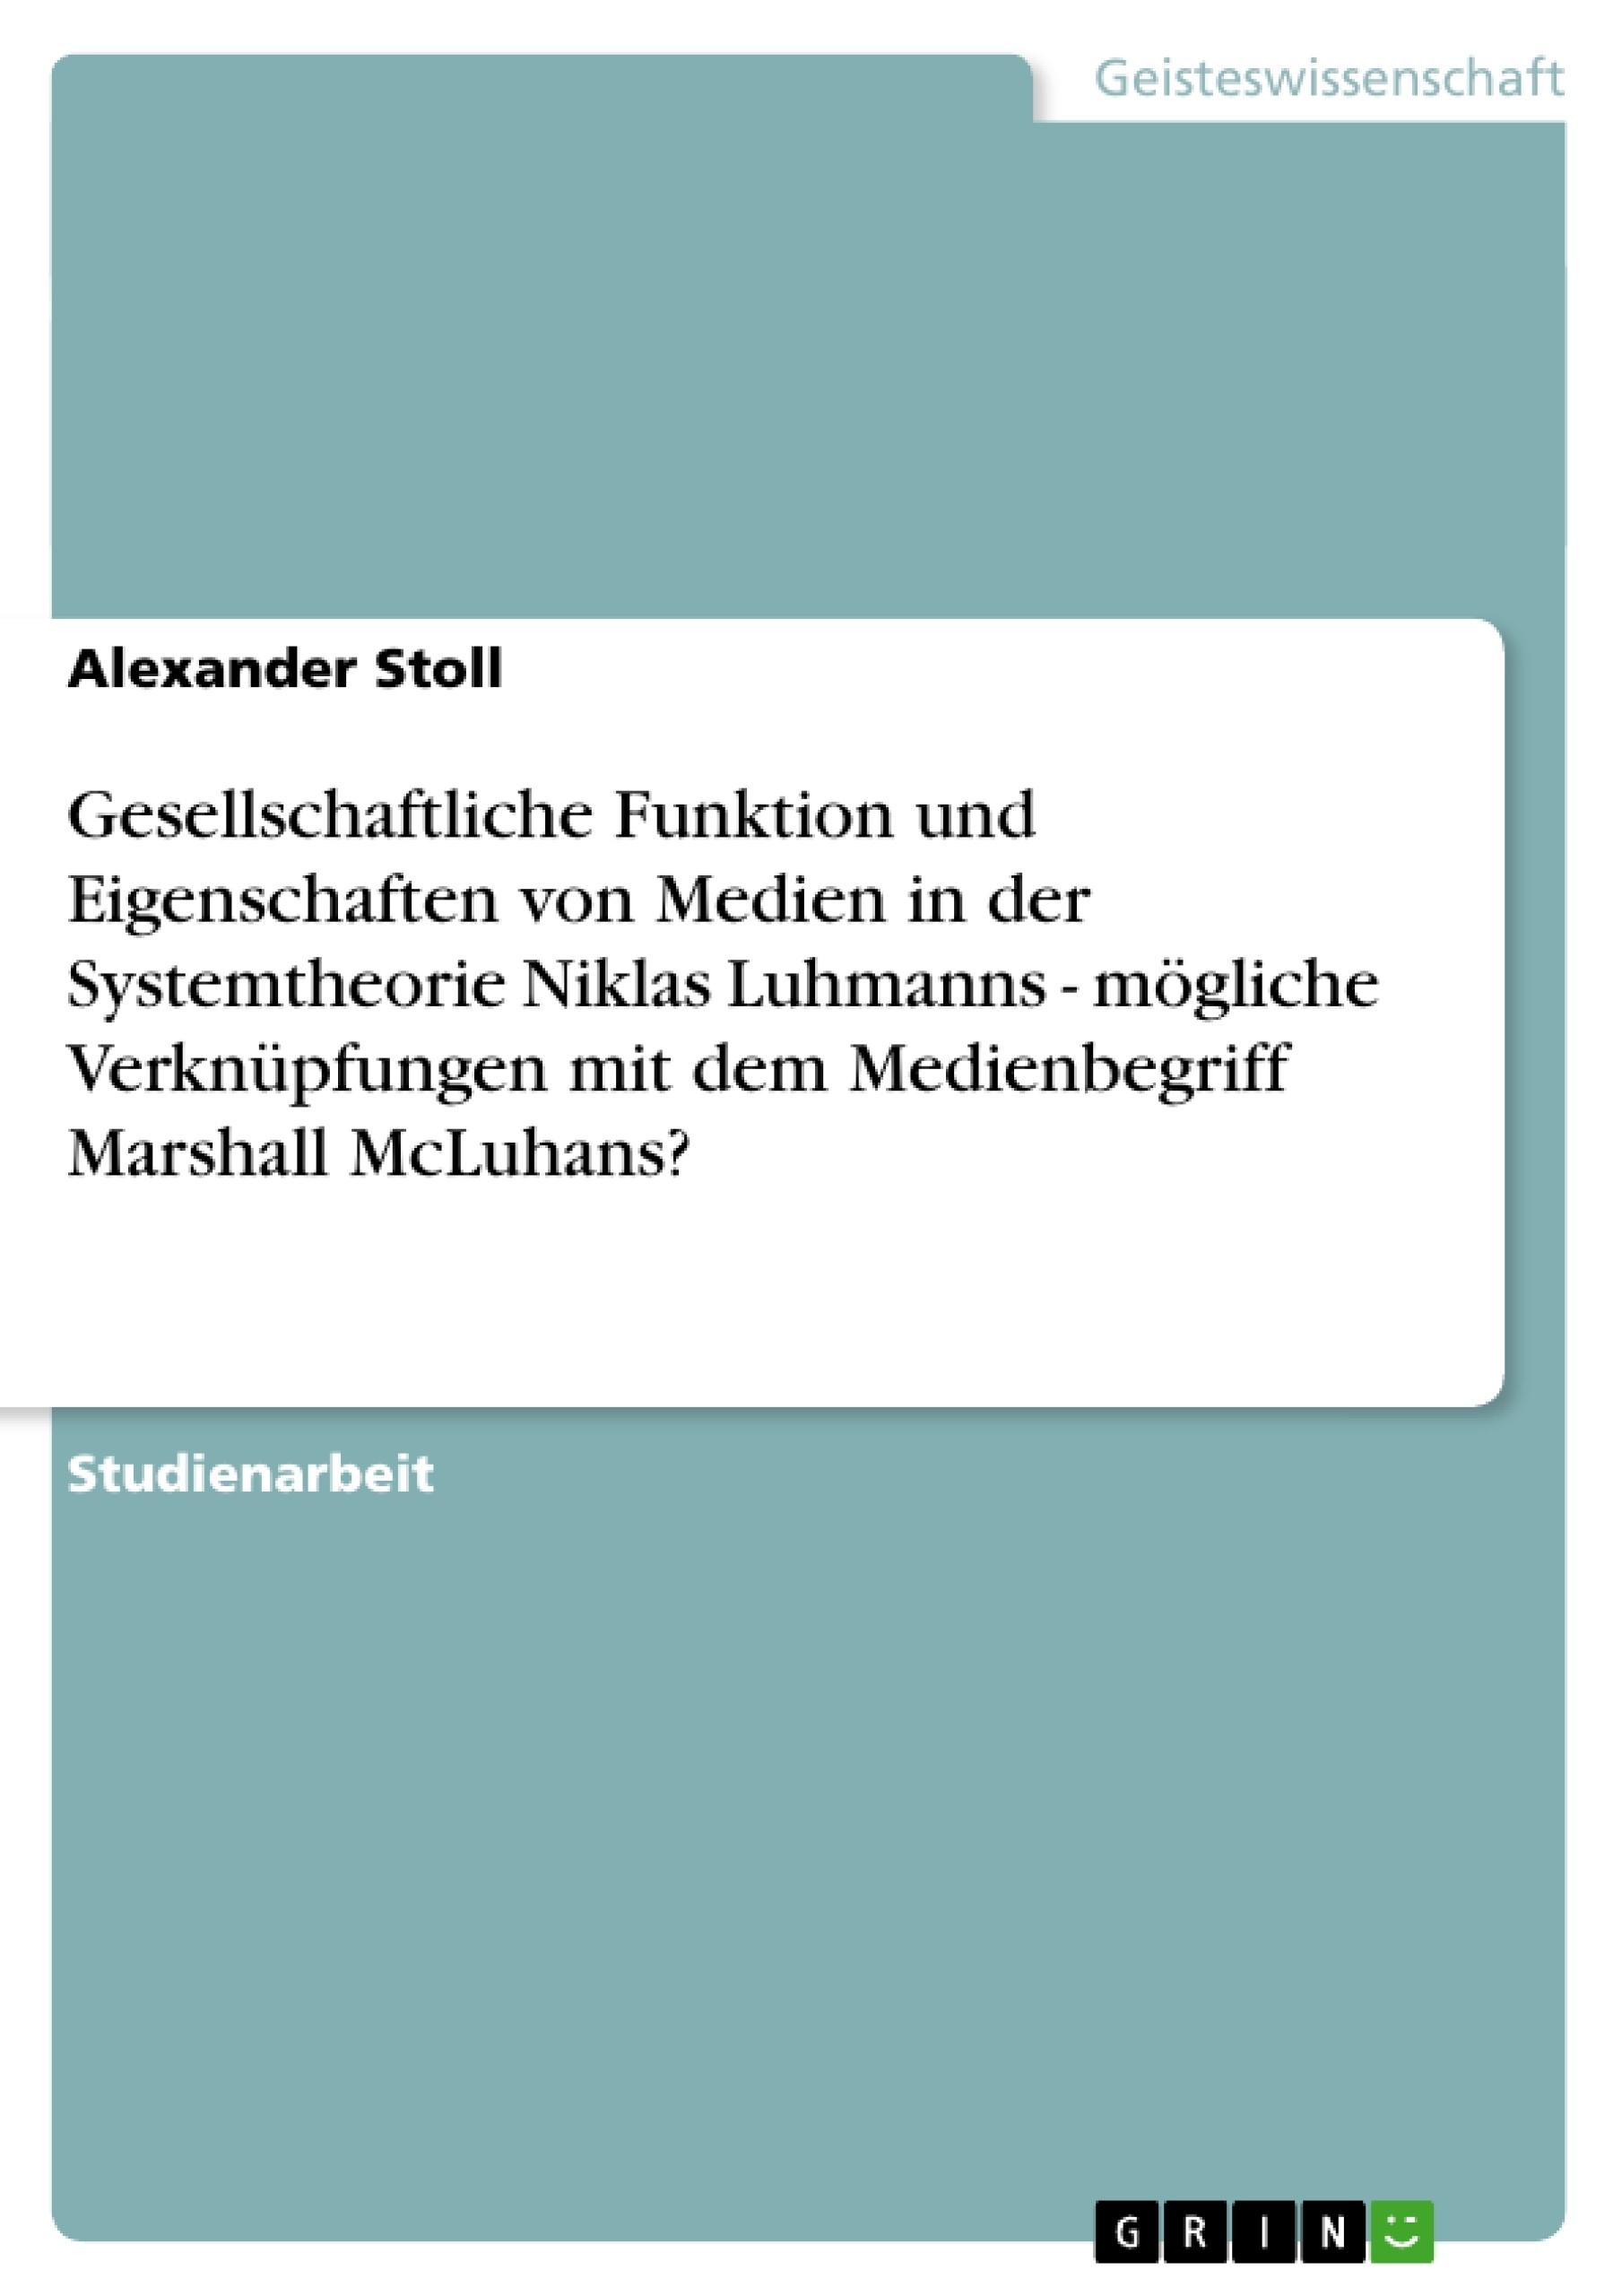 Titel: Gesellschaftliche Funktion und Eigenschaften von Medien in der Systemtheorie Niklas Luhmanns - mögliche Verknüpfungen mit dem Medienbegriff Marshall McLuhans?